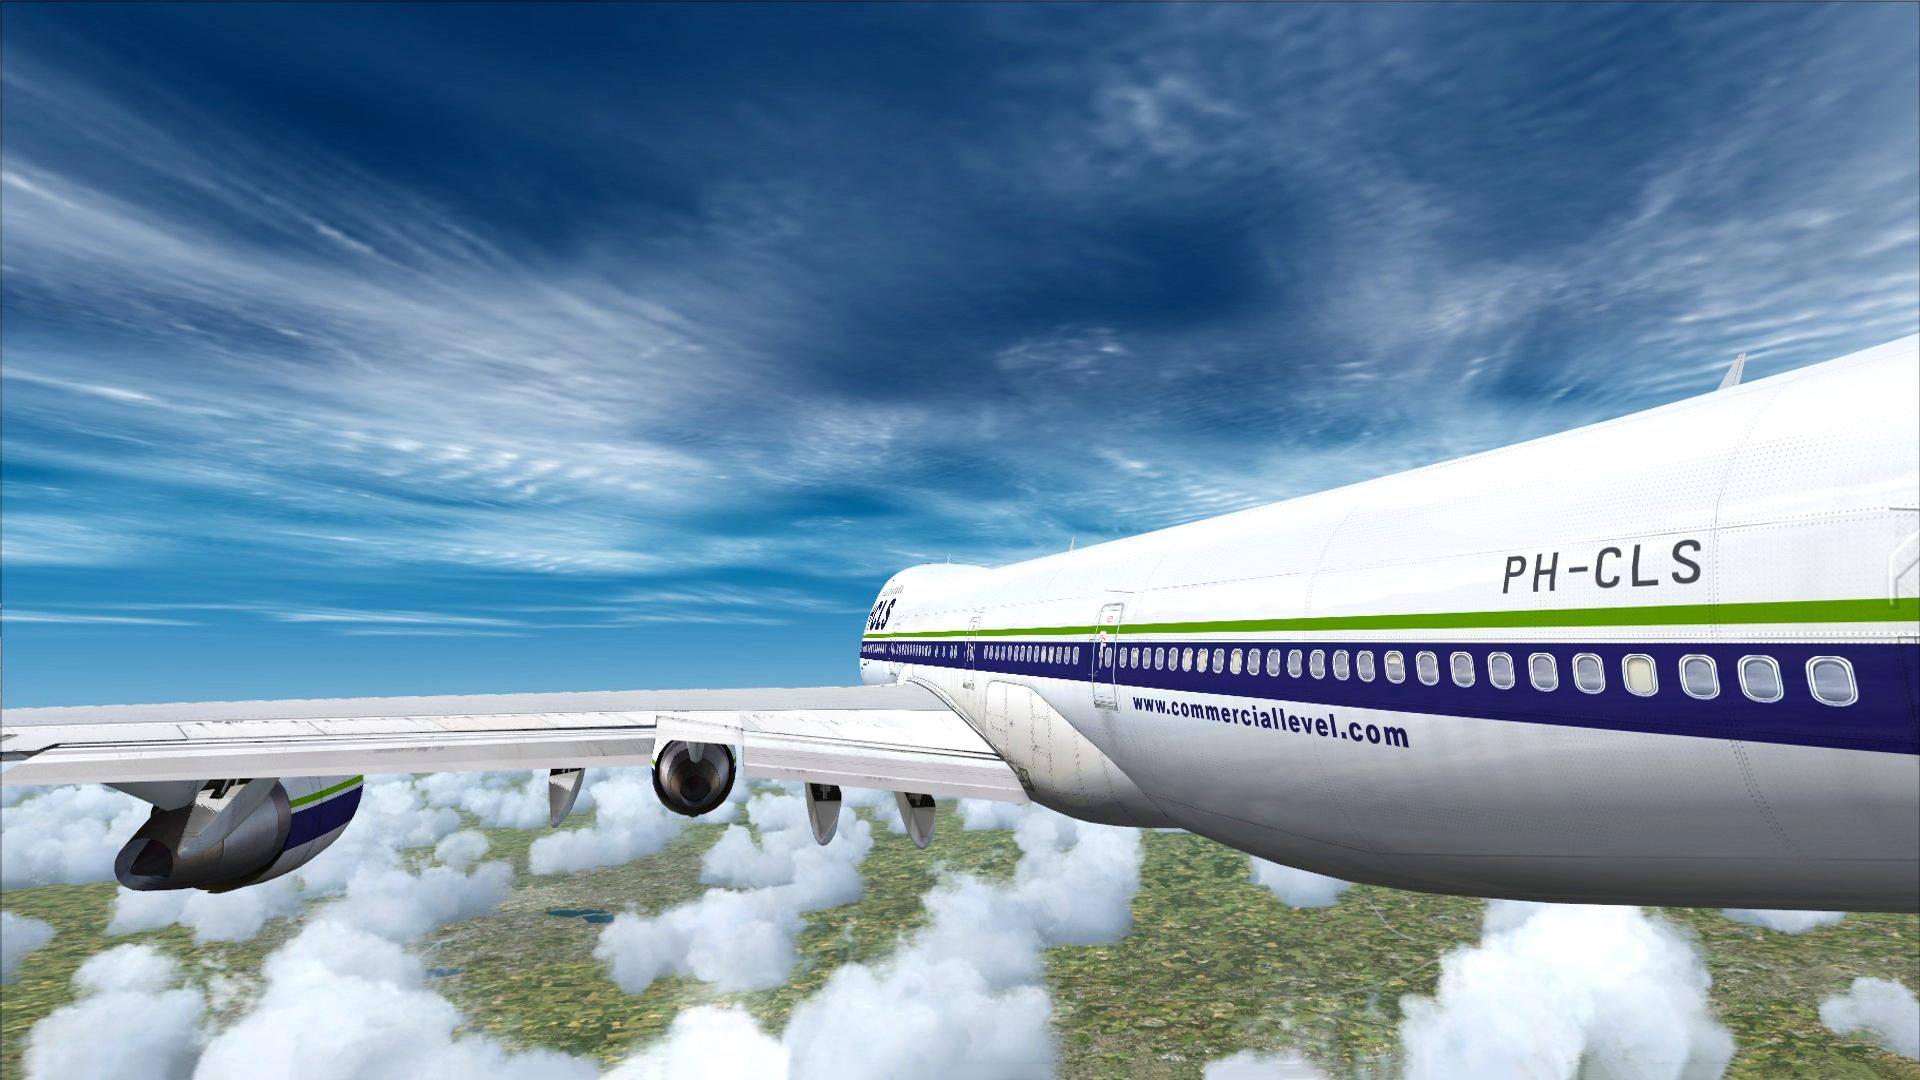 cls - md81/82 jetliner